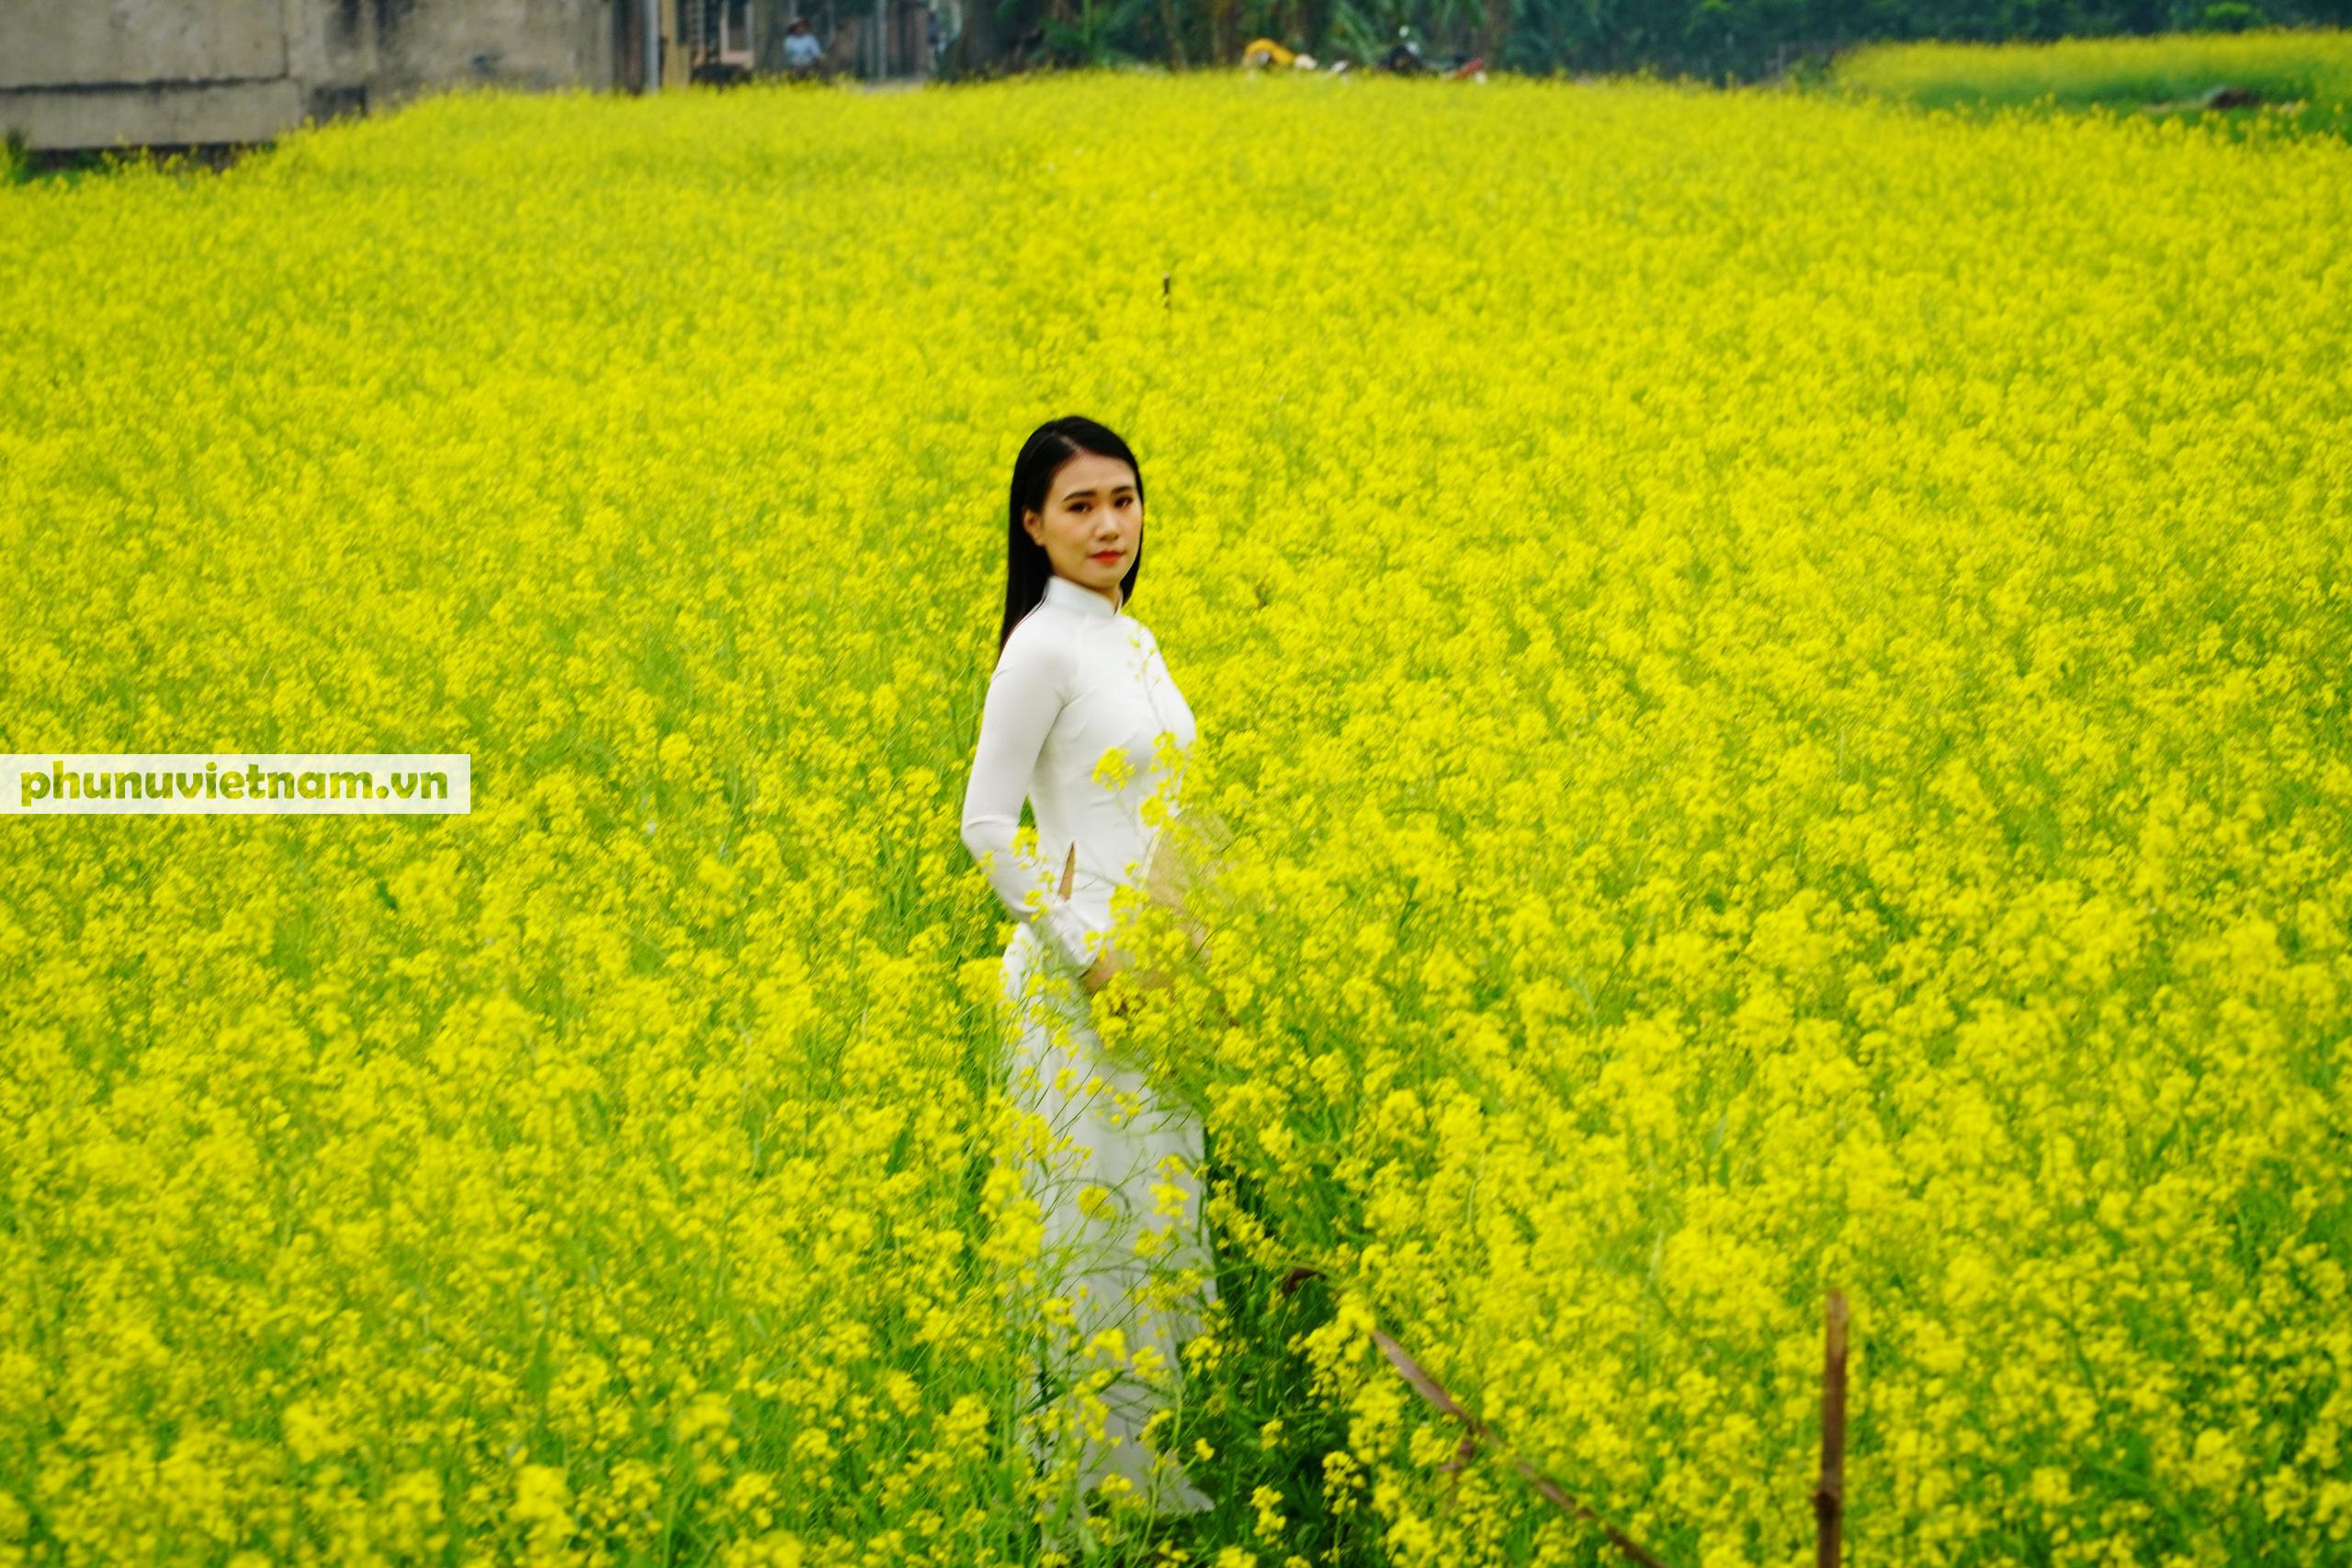 Thiếu nữ áo trắng đẹp hút lòng người trên cánh đồng hoa cải vàng ở Chi Đông - Ảnh 8.